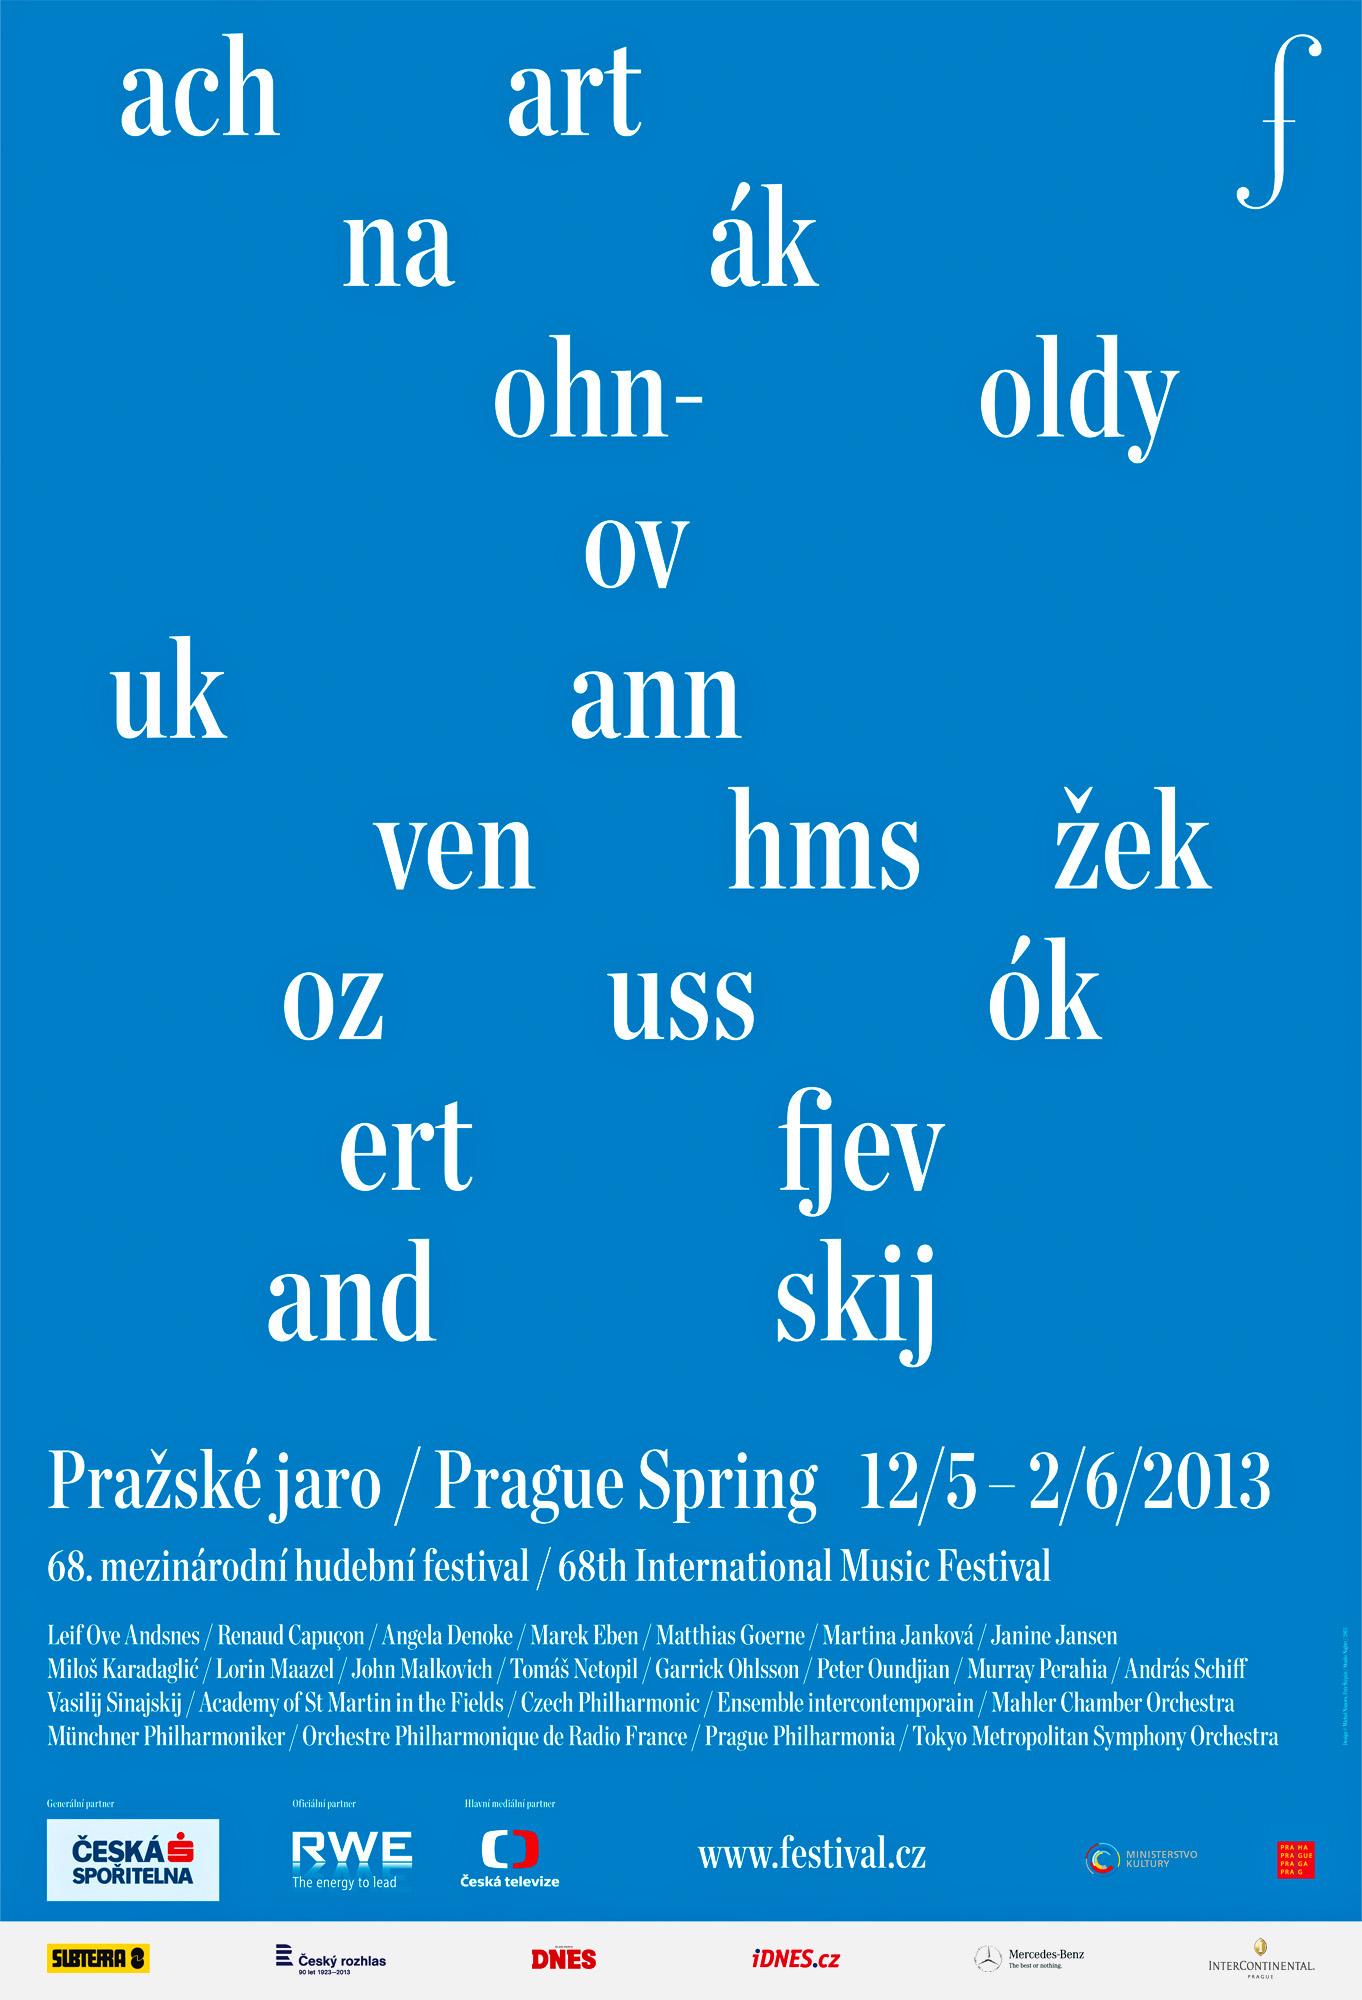 68. Pražské jaro